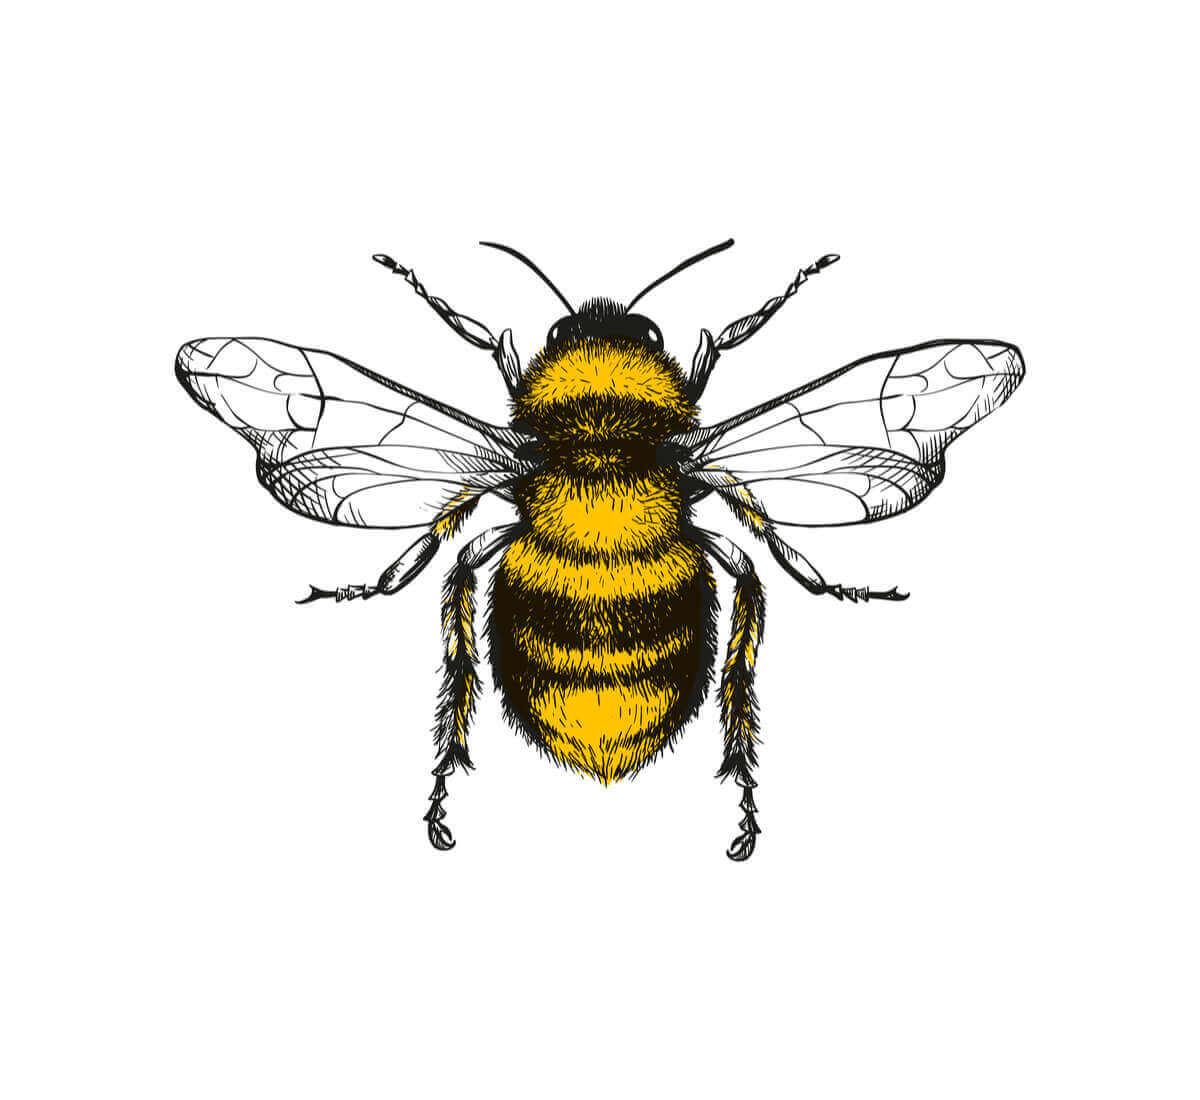 꿀벌의 춤인 8자 춤: 꿀벌의 비밀 언어